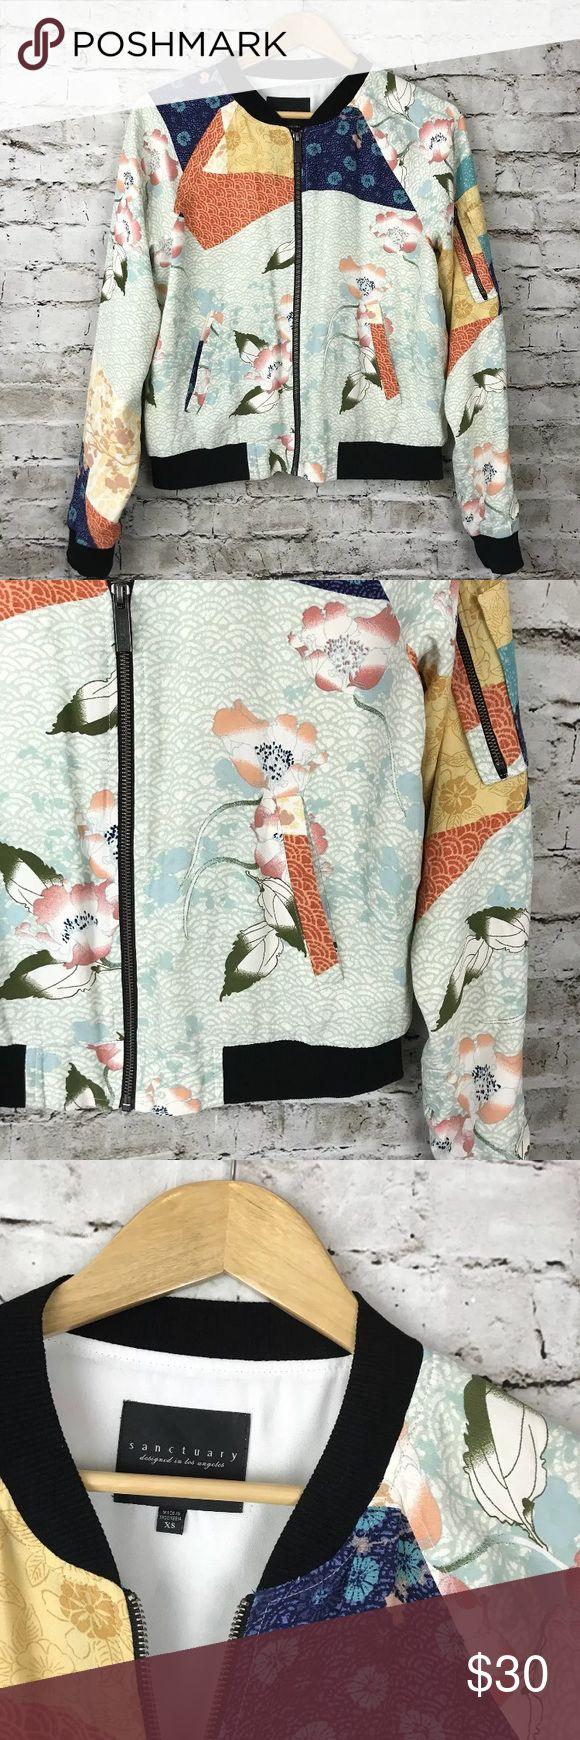 Sanctuary bomber jacket floral zip up Good condition. Size S. Sanctuary Jackets & Coats